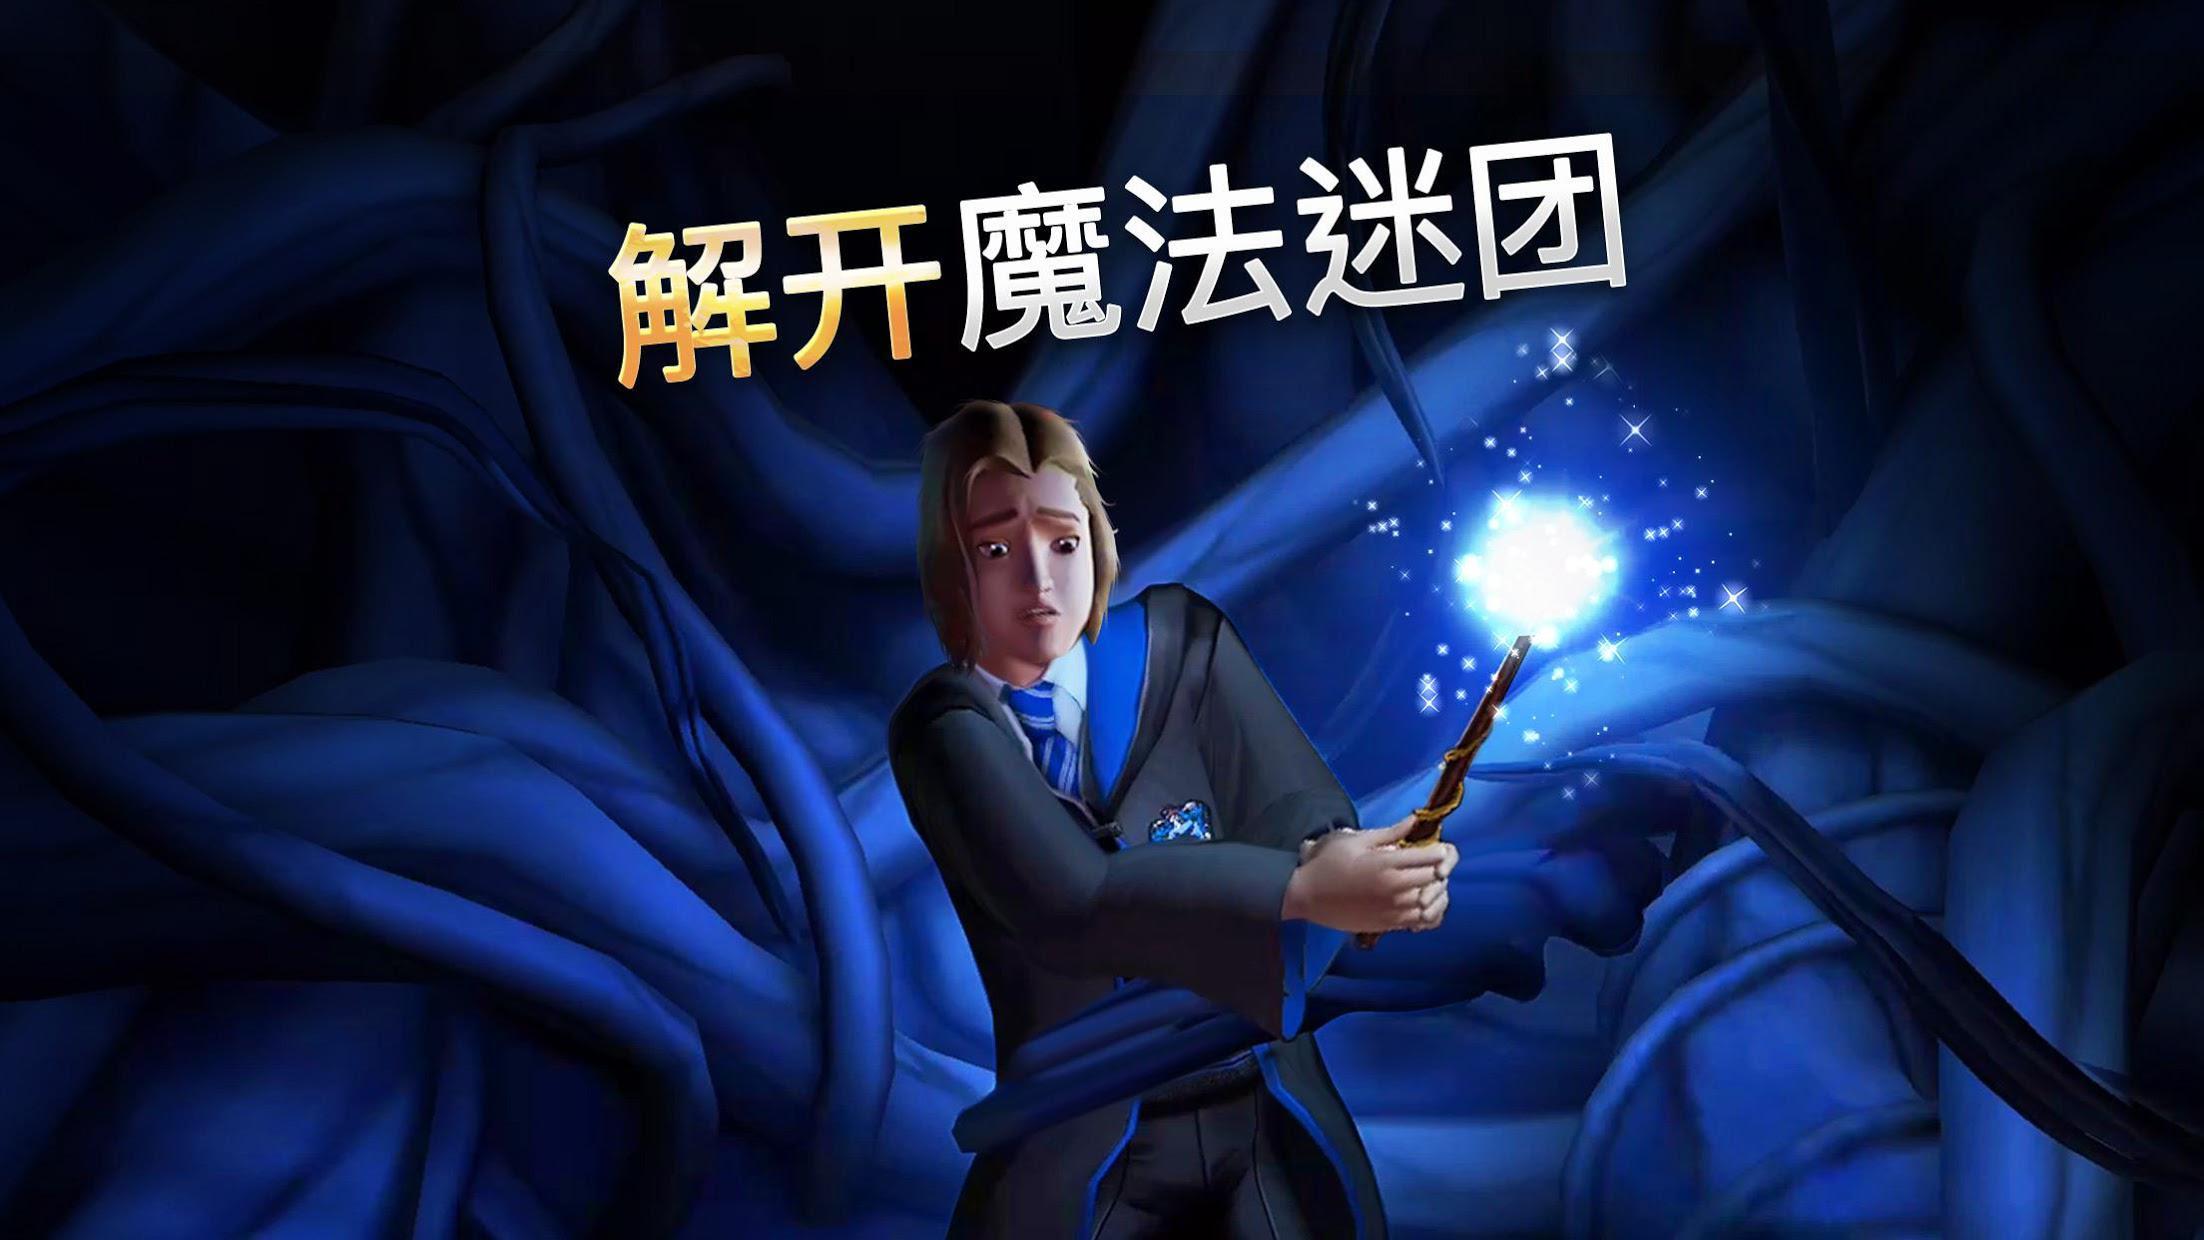 哈利波特: 霍格沃茨之谜 游戏截图3